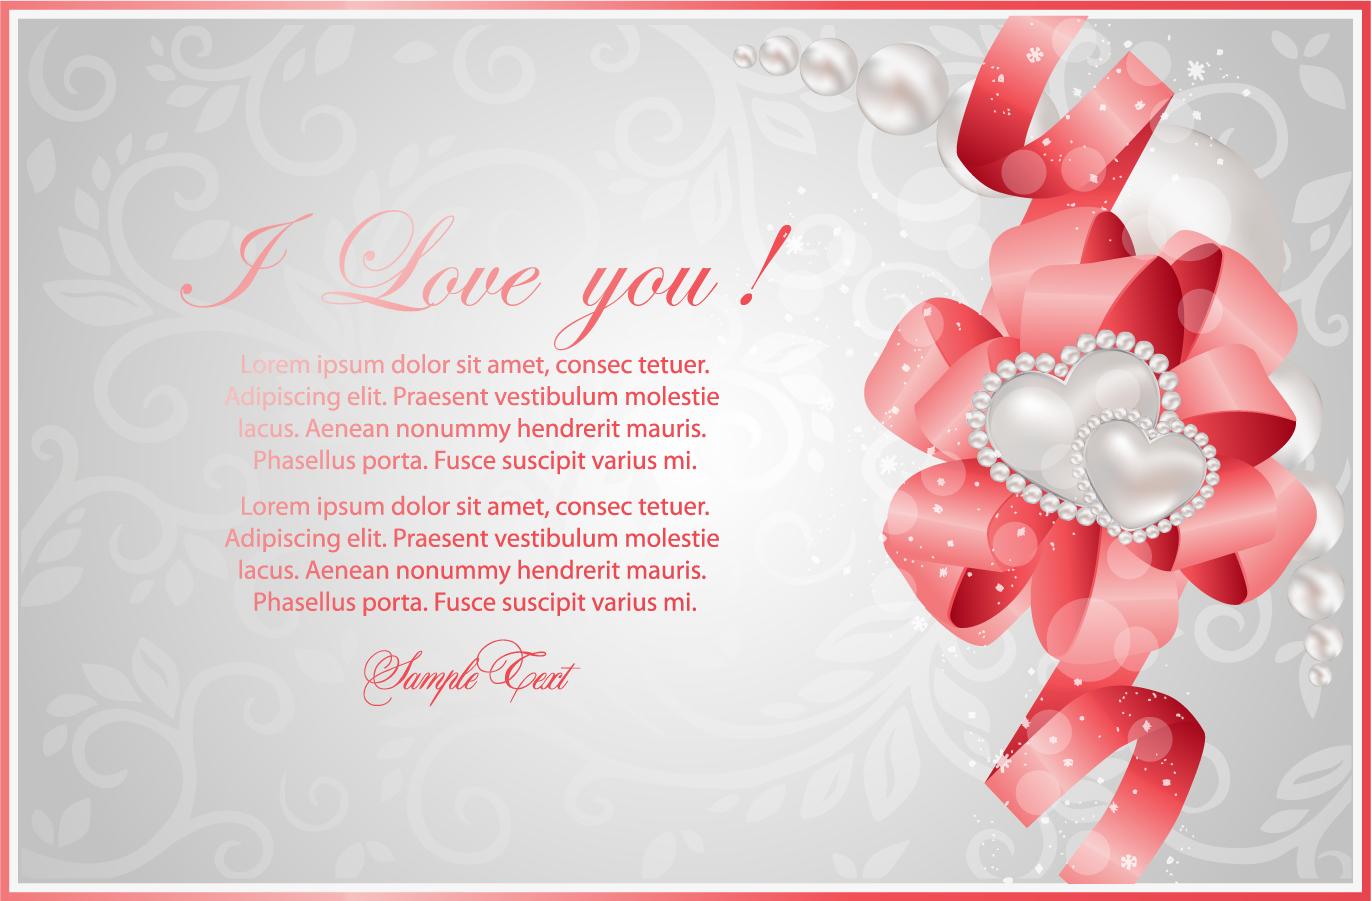 ハート リボン飾りのバレンタインデー カード Heart valentine's day greeting card イラスト素材